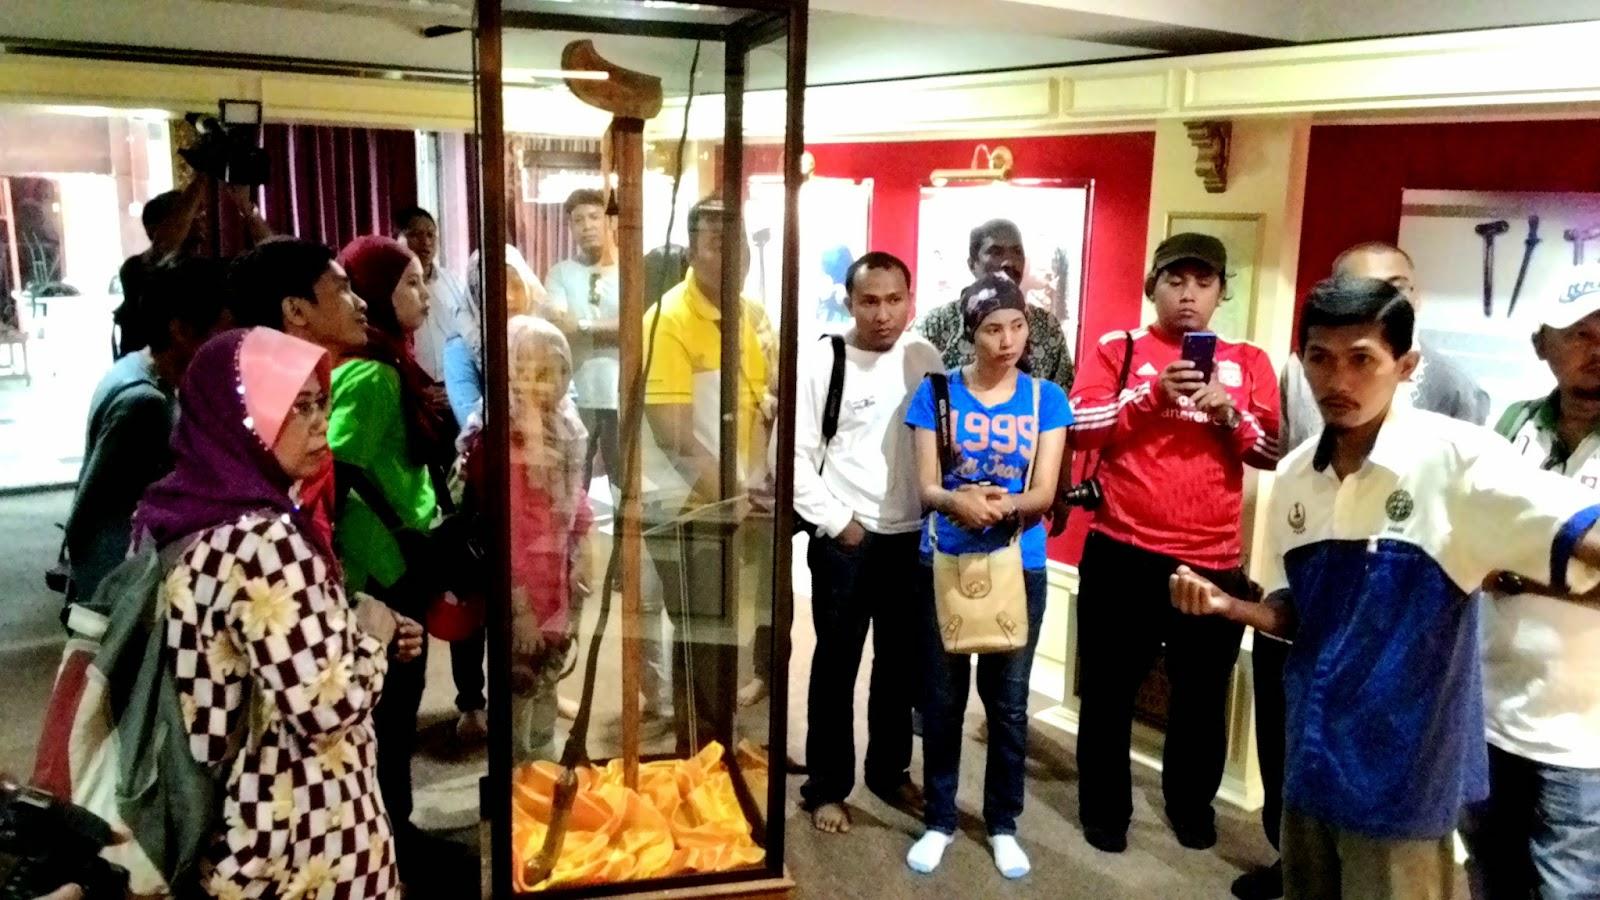 Terowong Sejarah Pasir Salak, Mohd Fauzi Mohd Razali, Penolong Kurator